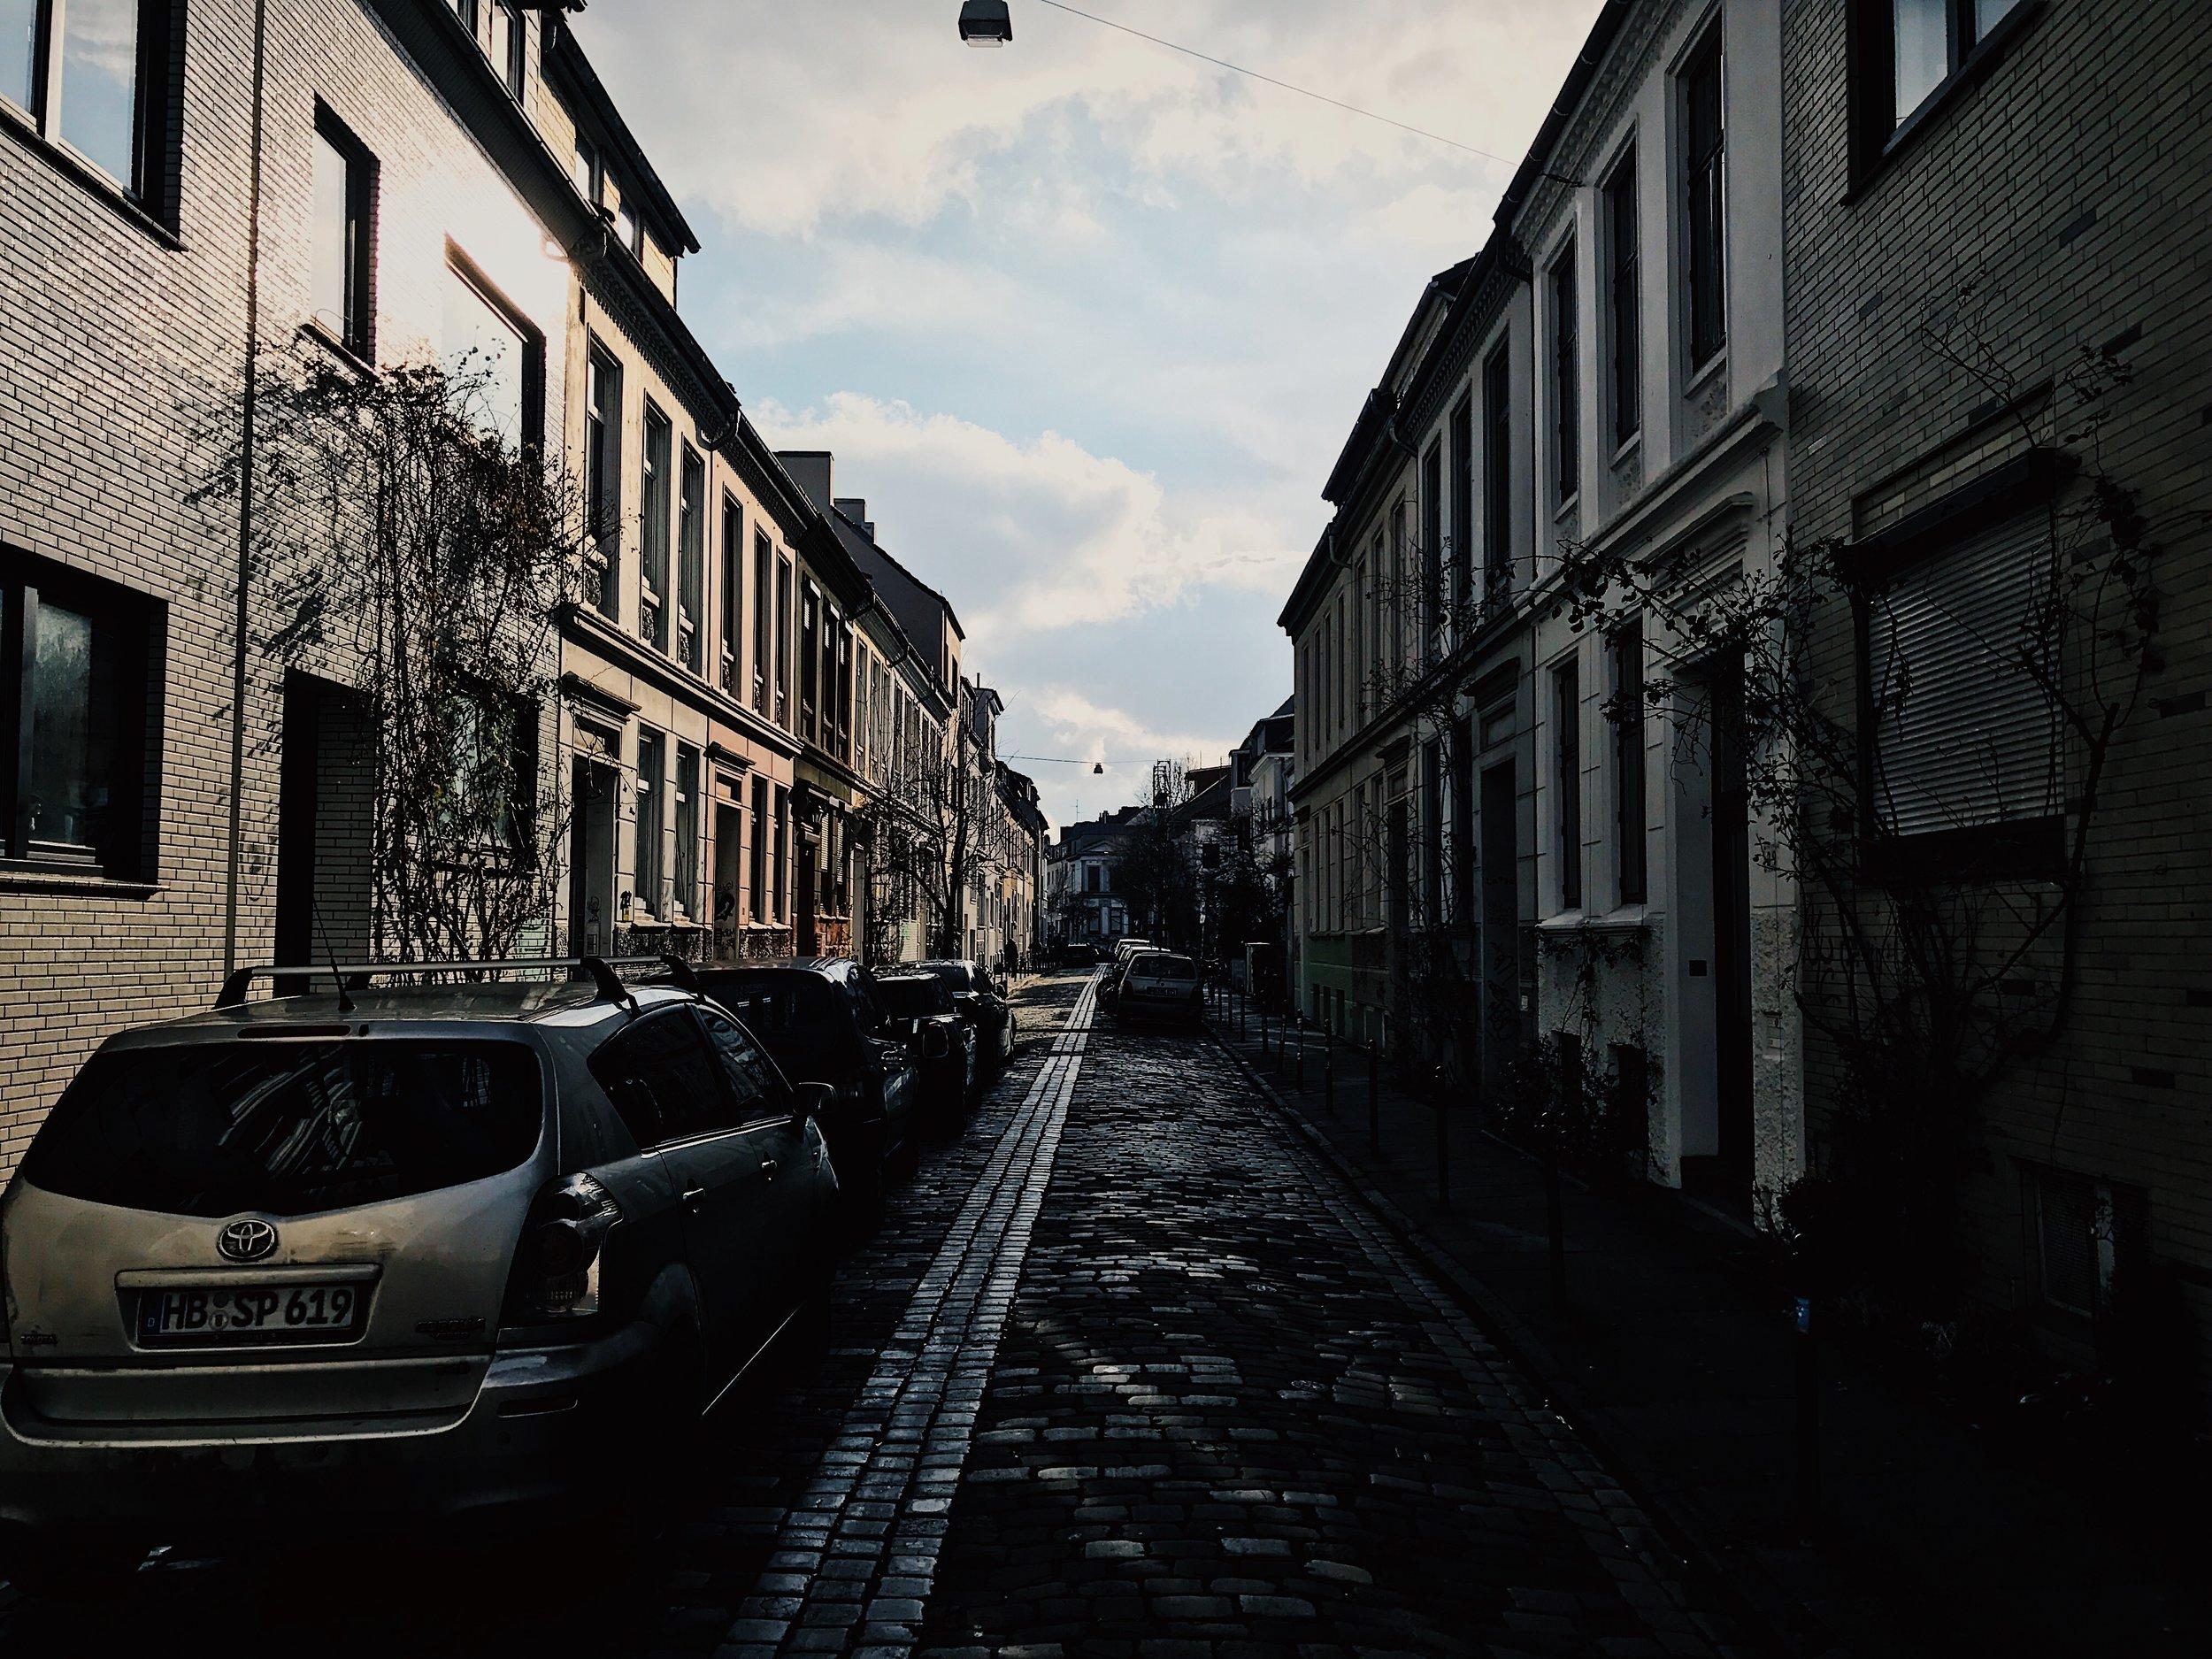 Viertel_Bremen_Februar 2017JPG